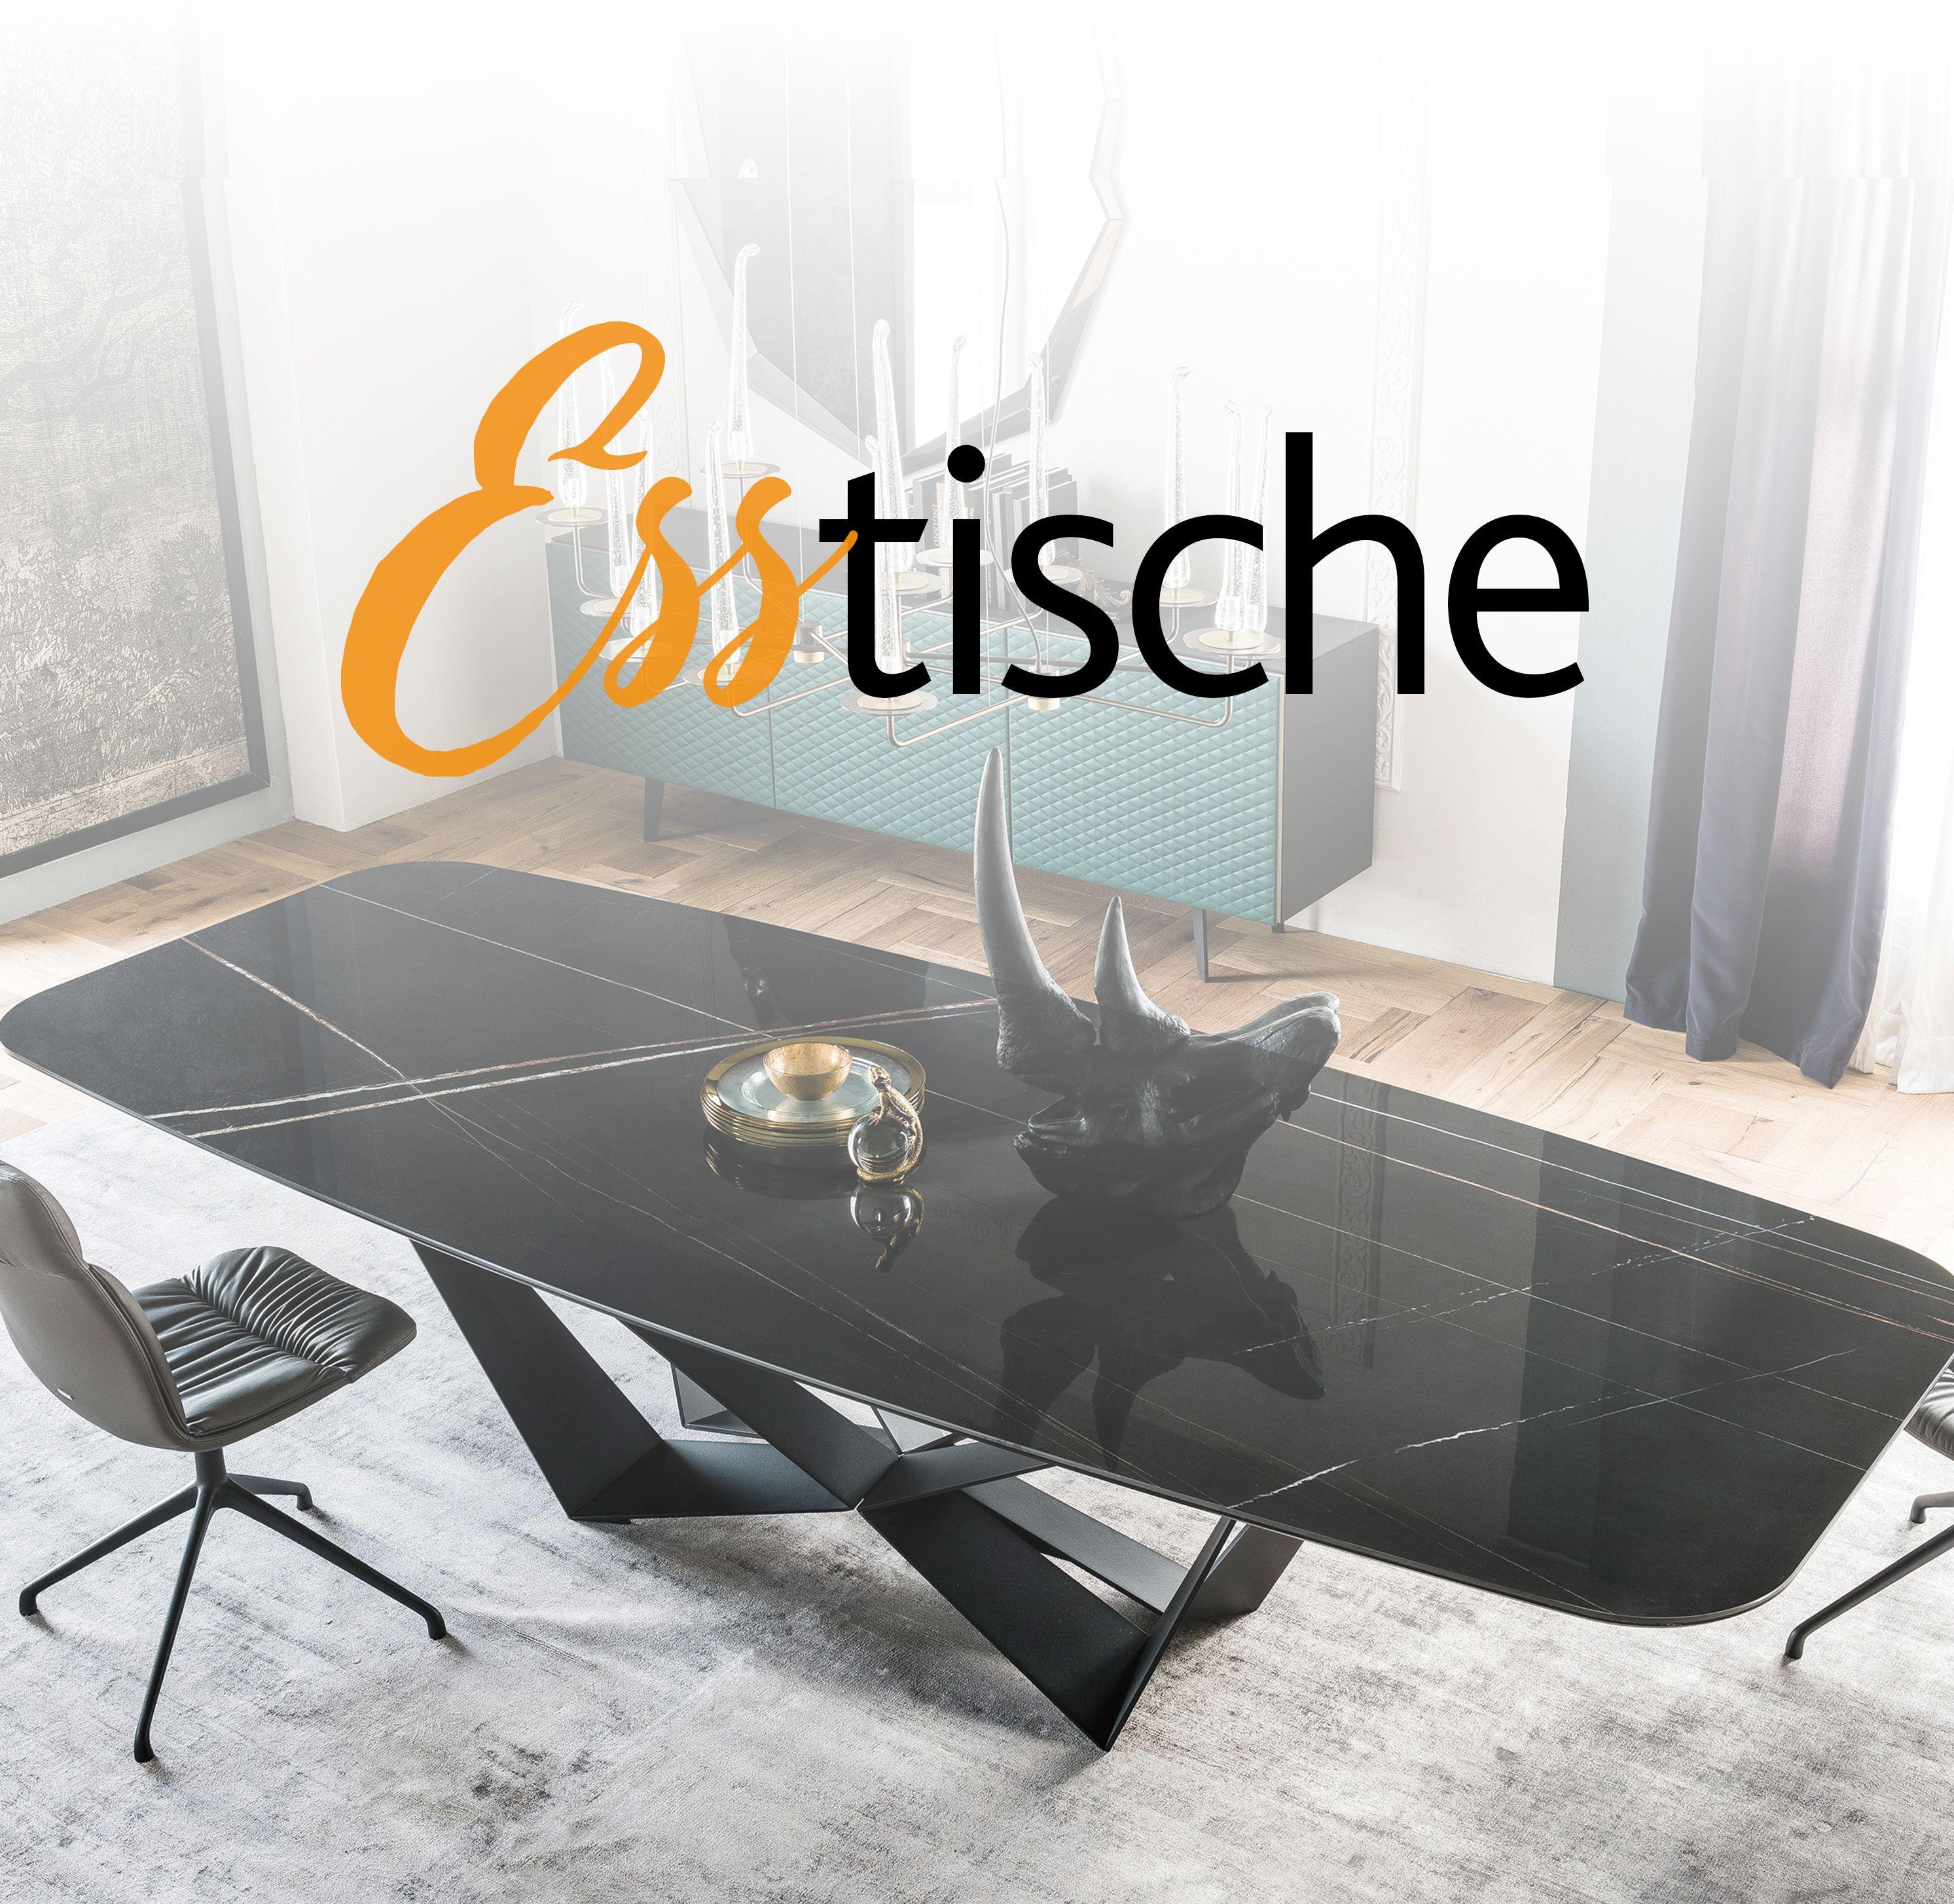 Ob Massivholz Glas Edler Marmor Oder Moderne Hochglanzoptik Designer Esstische Made In Italy Bringen Das G Design Tisch Esstisch Marmor Esstische